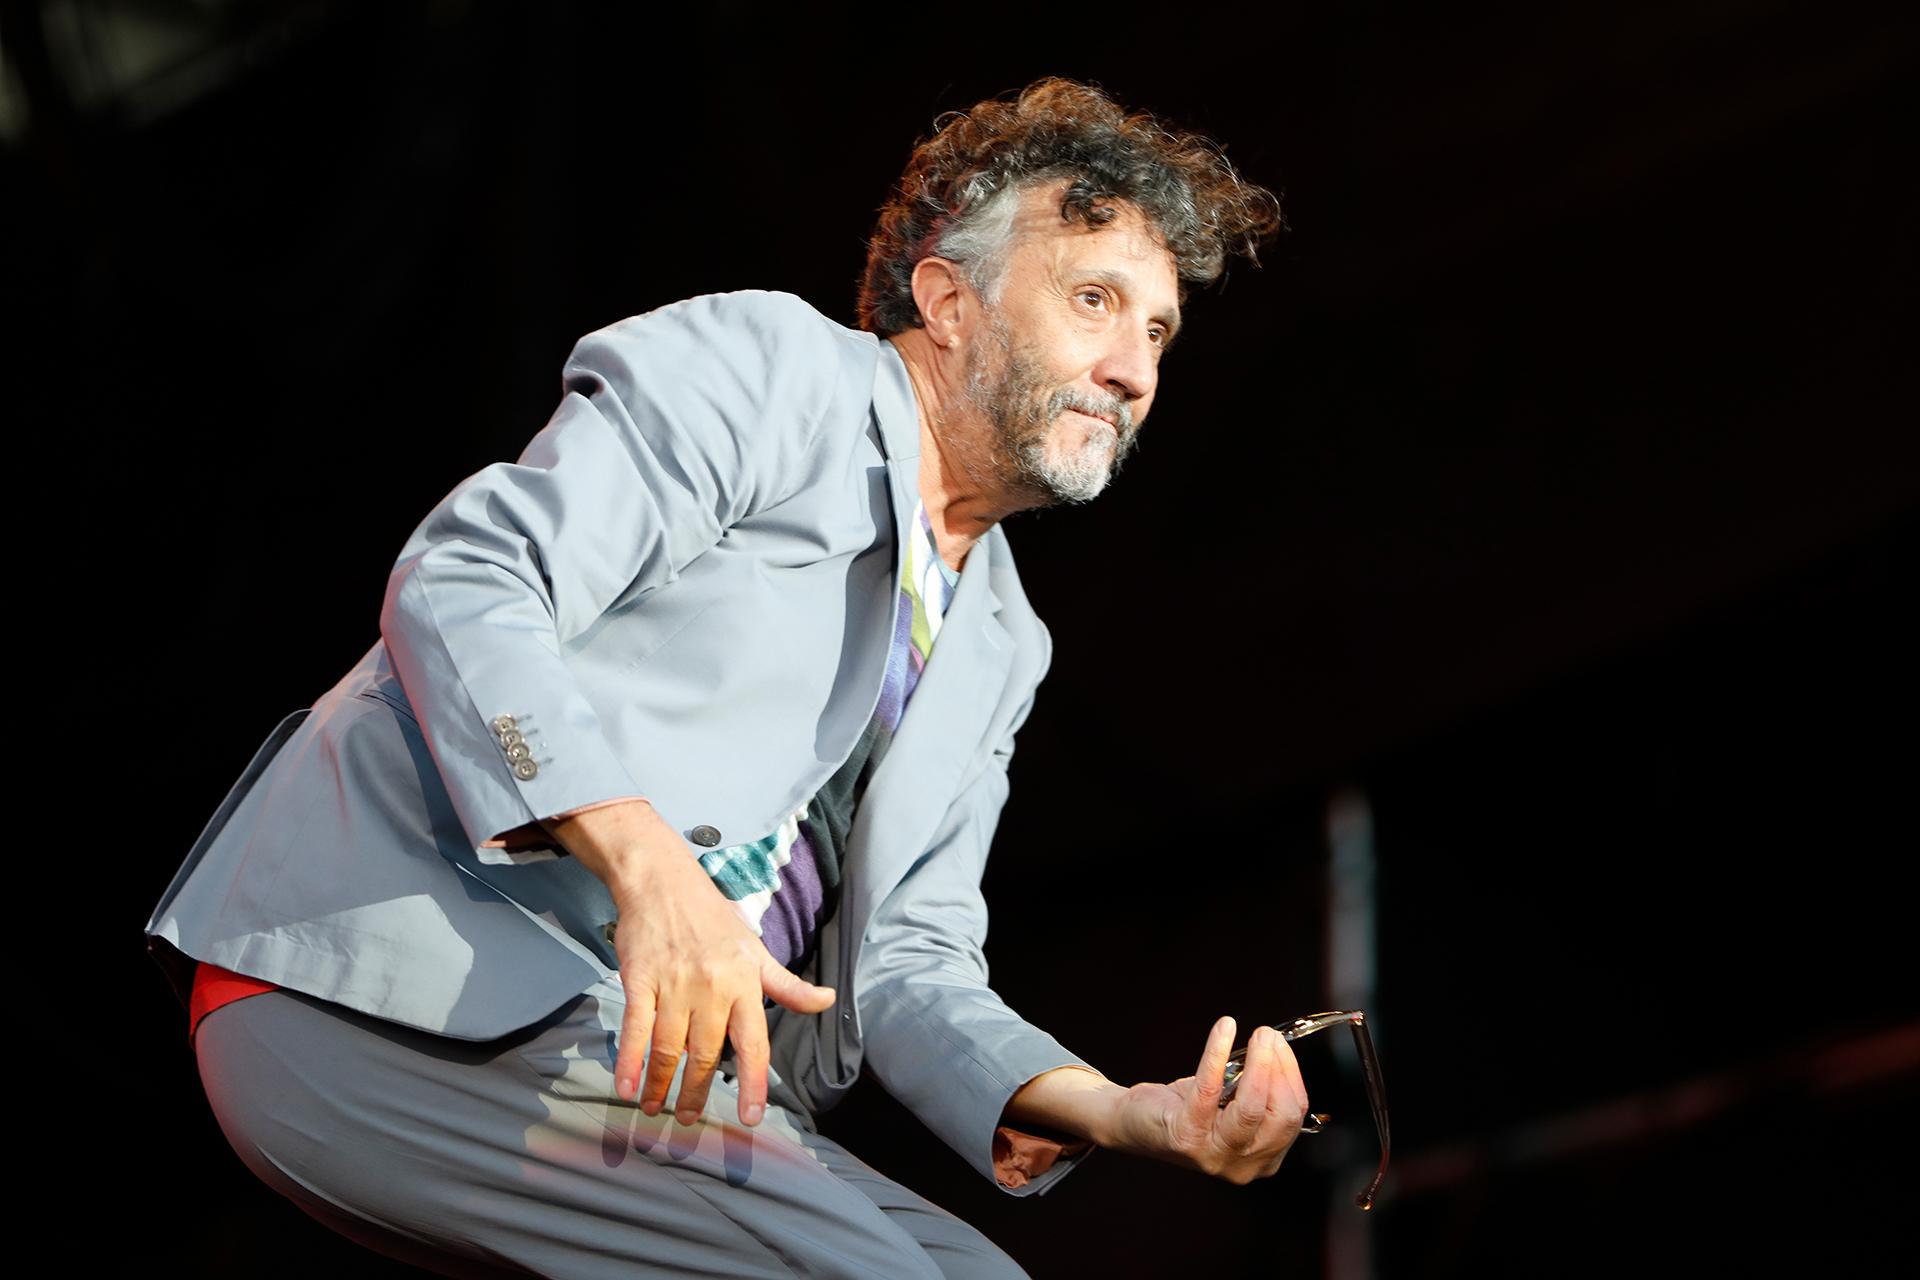 El músico cautivó con su histriónico show a los jóvenes que fueron al Día 2 del Lollapalooza (Chule Valerga)